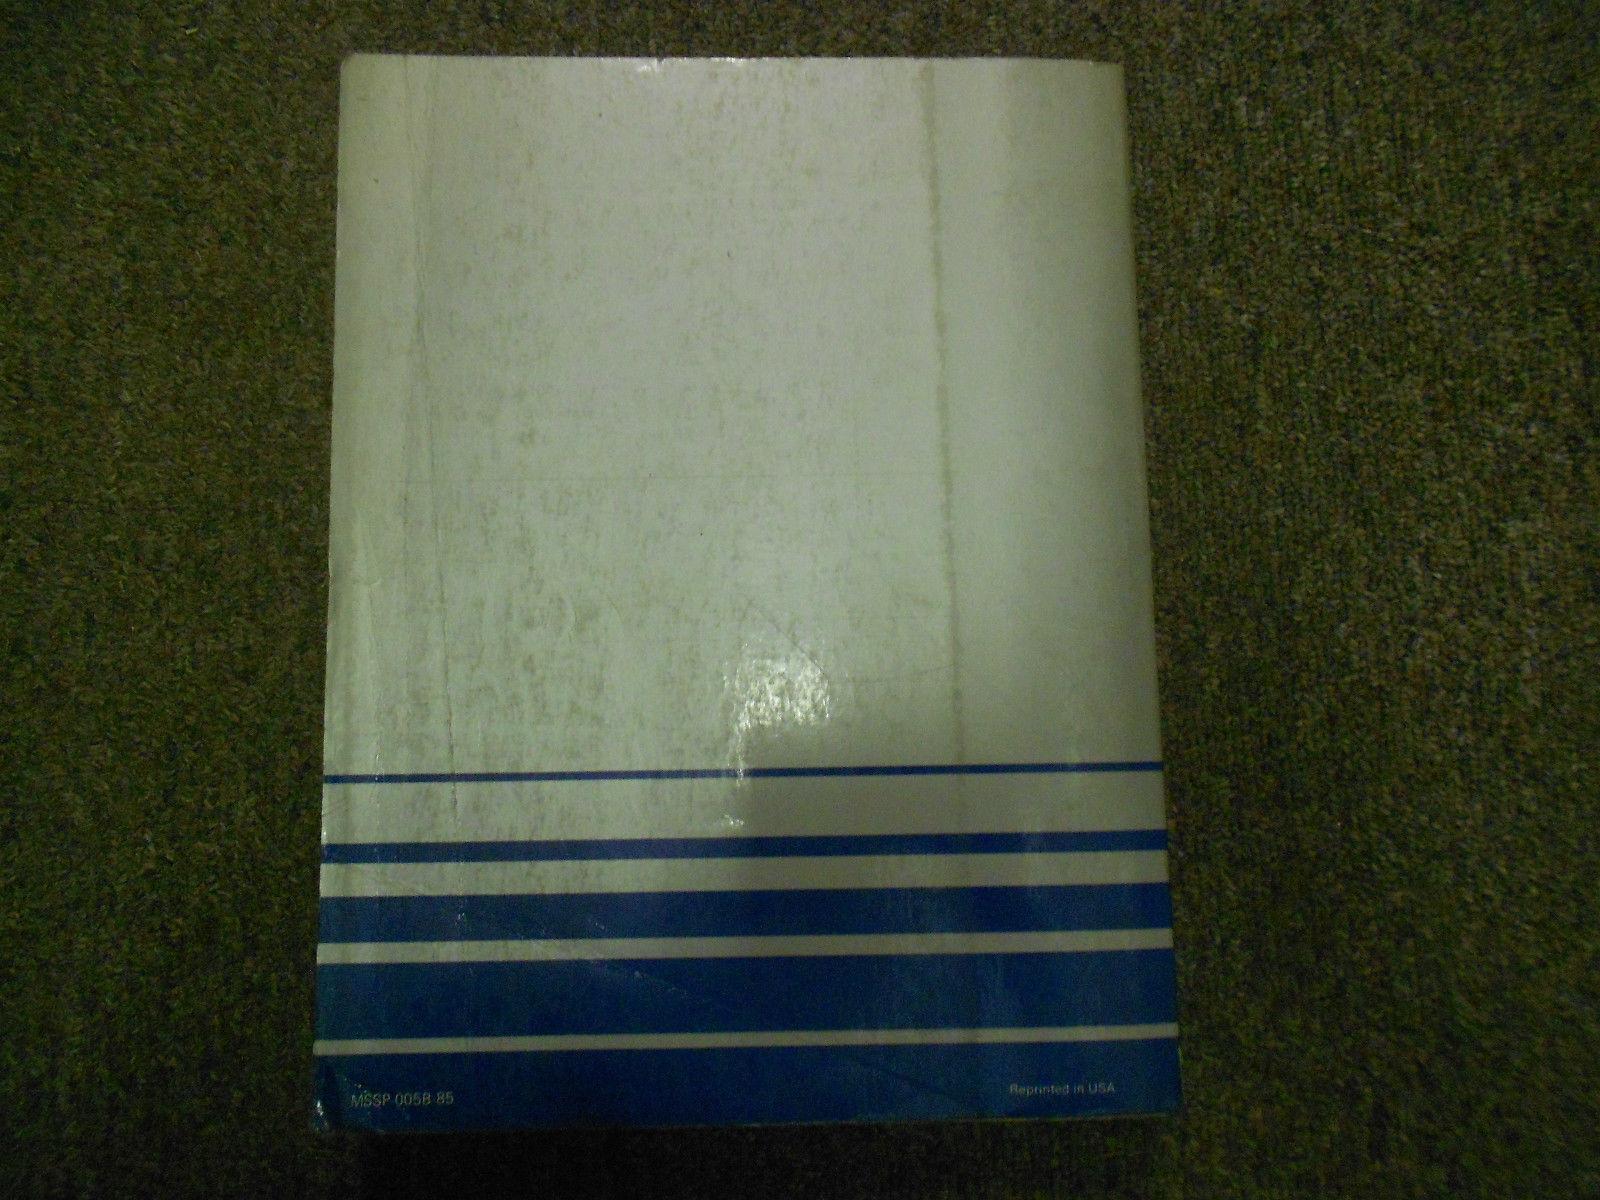 1985 MITSUBISHI Galant Service Repair Shop Manual FACTORY OEM BOOK 85 DEALERSHIP